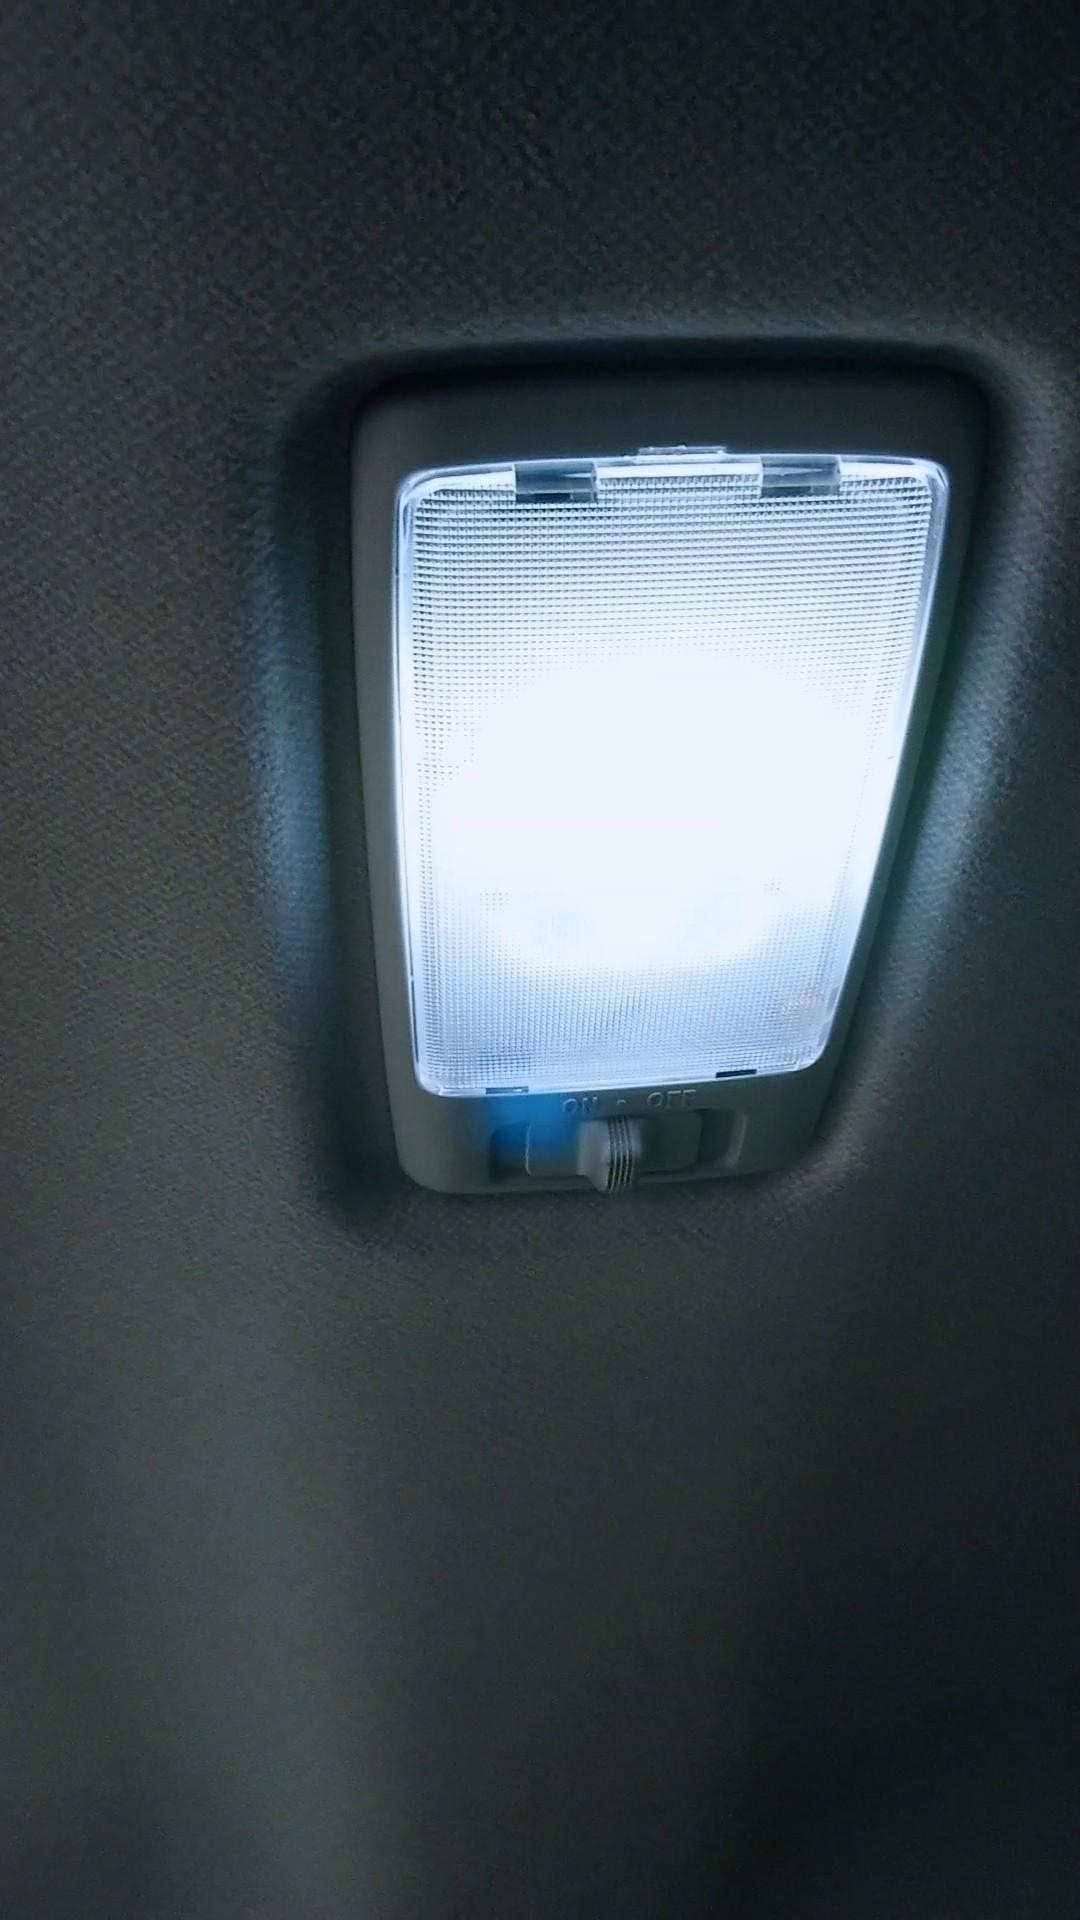 (交換済画像)透明なカバーにこじ開ける用の隙間があるので、マイナスドライバーなどを差し込みこじ開けます。<br /> <br /> マップランプは2ヶ所あるので左右交互にやると外れやすいかなと。